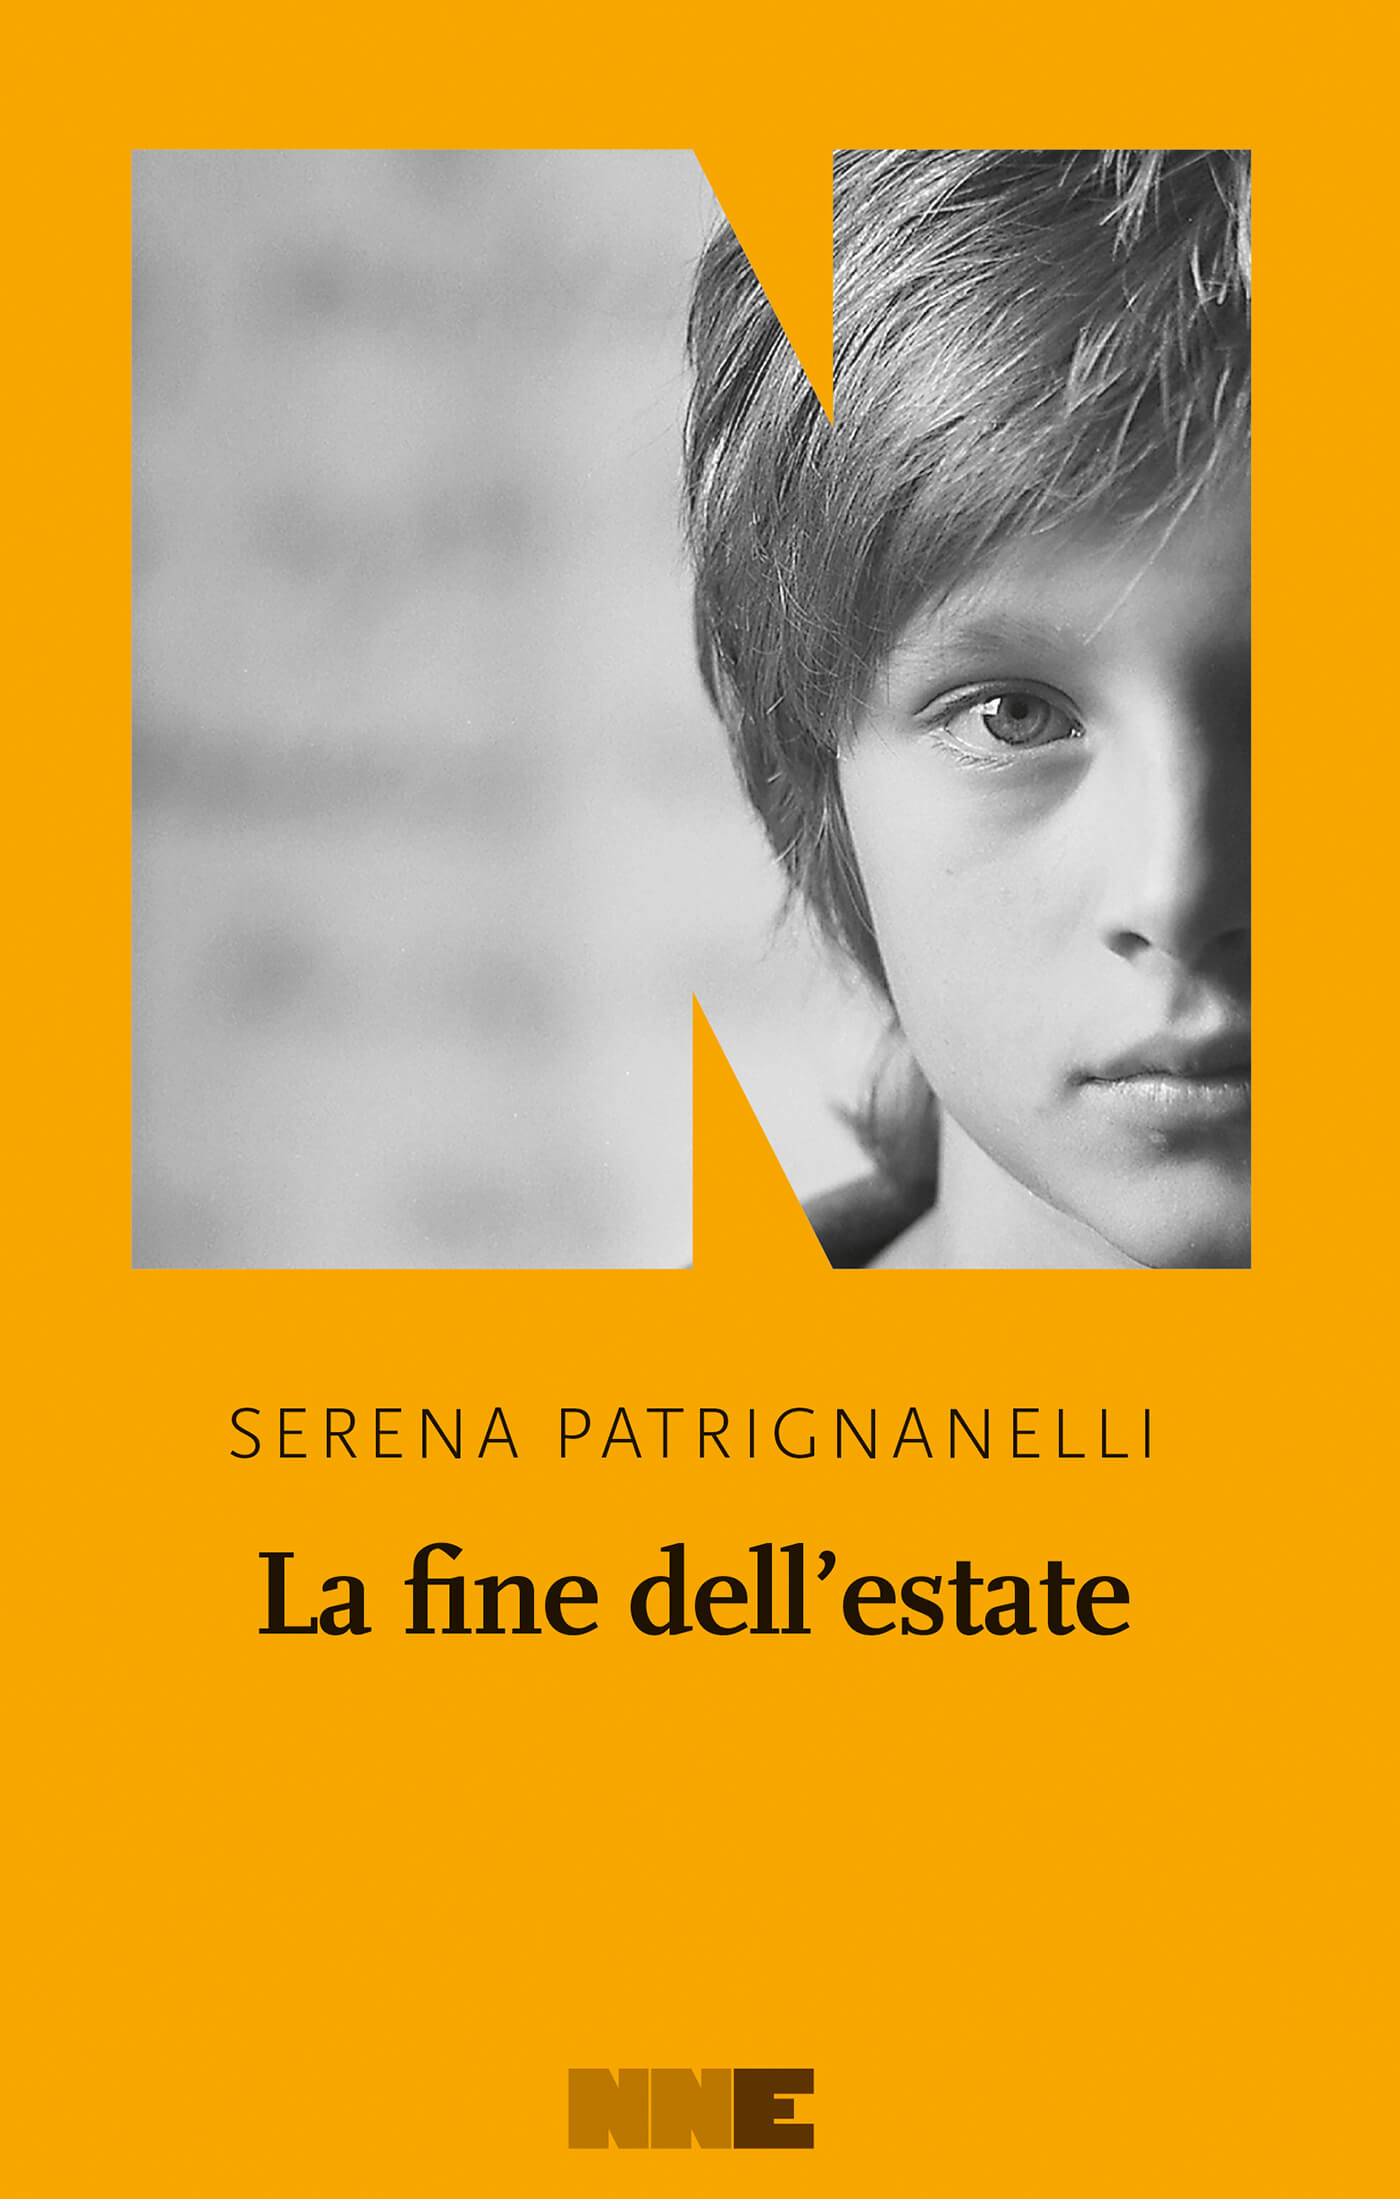 La fine dell'estate - Serena Patrignanelli - Aprile 2019